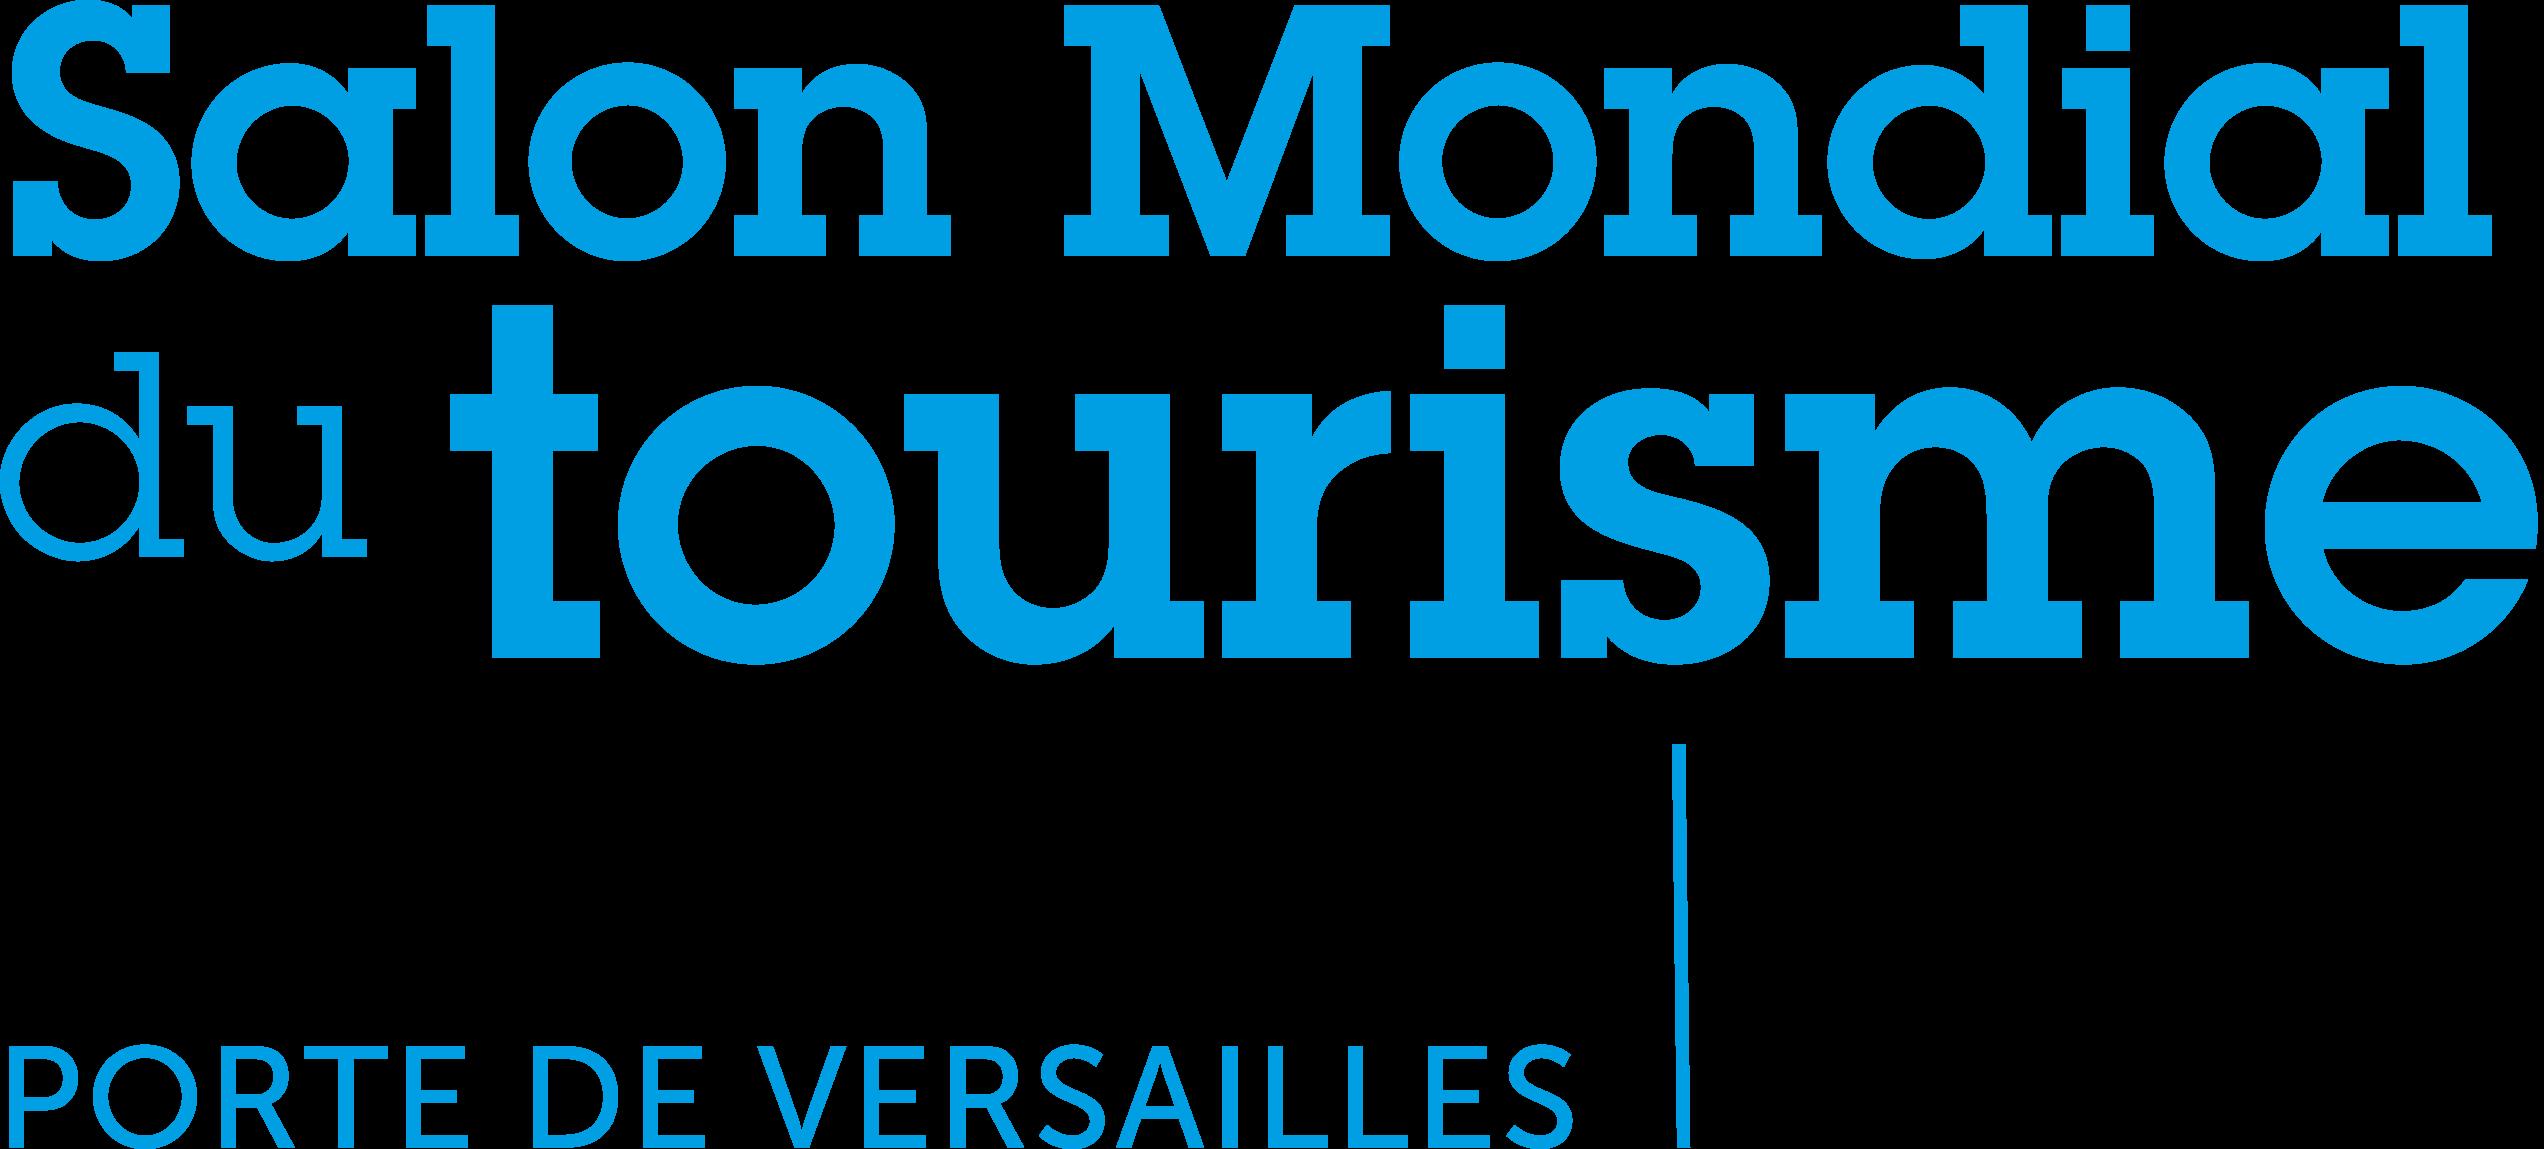 Accueil acteurs du tourisme durable tourisme durable for Salon mondial du tourisme paris